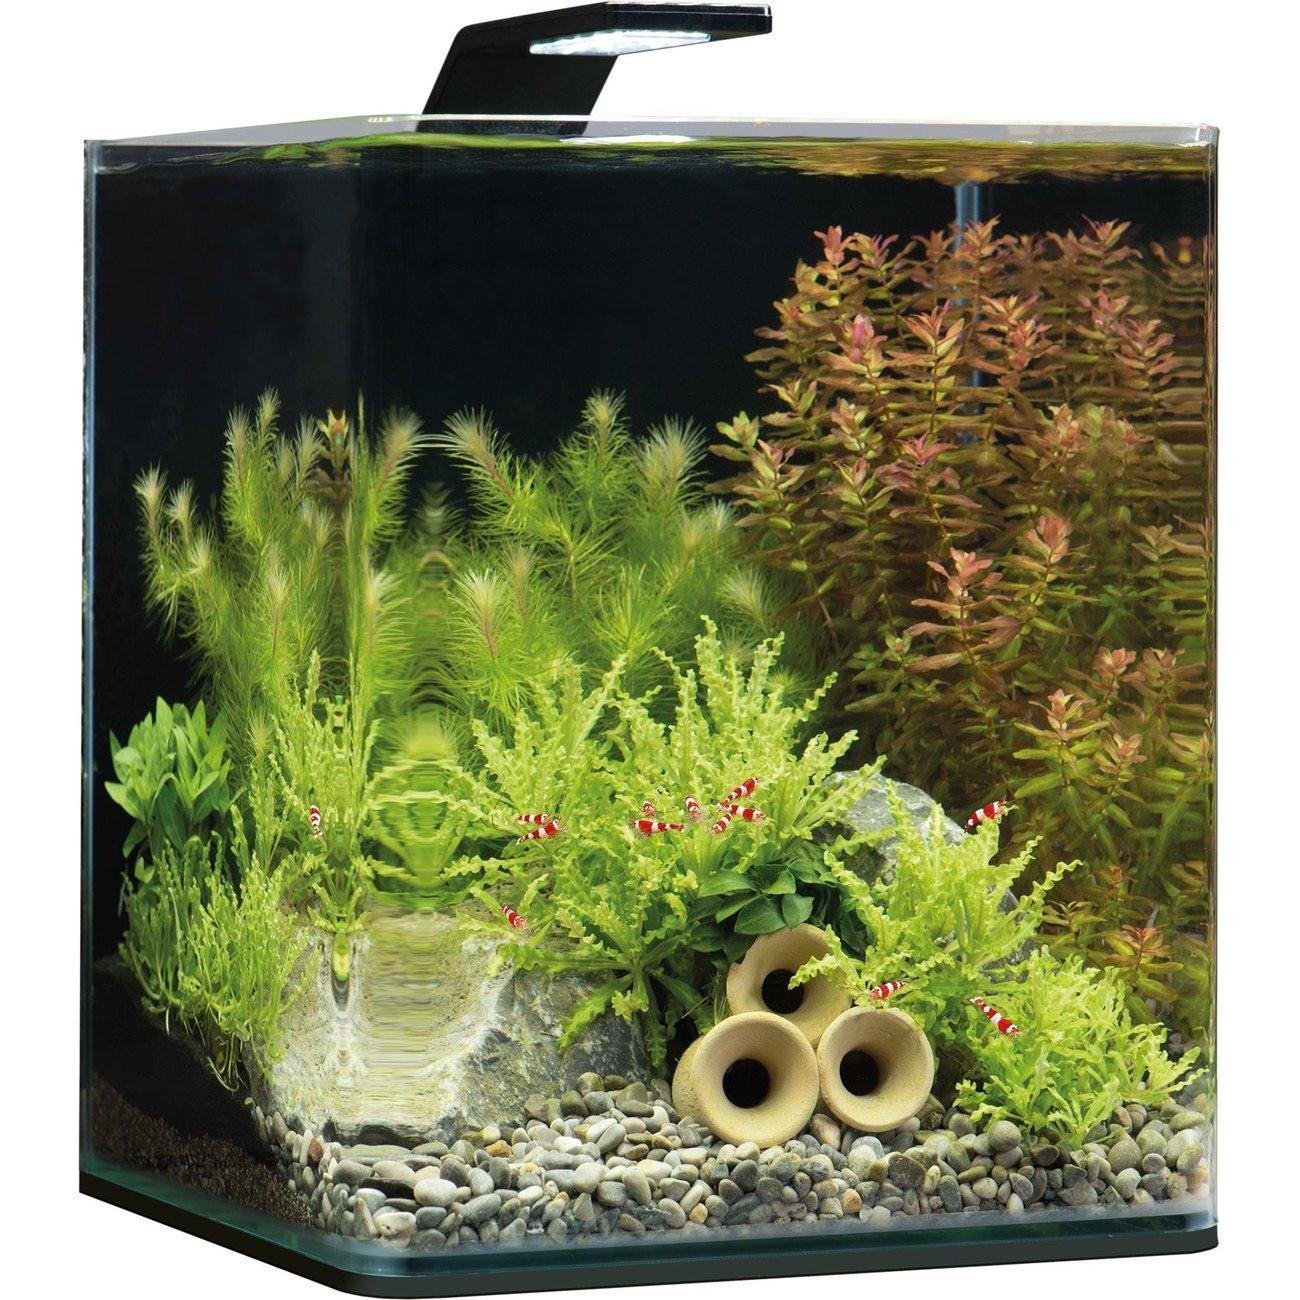 Dennerle NanoCube Basic Style LED Aquarium, Bild 2